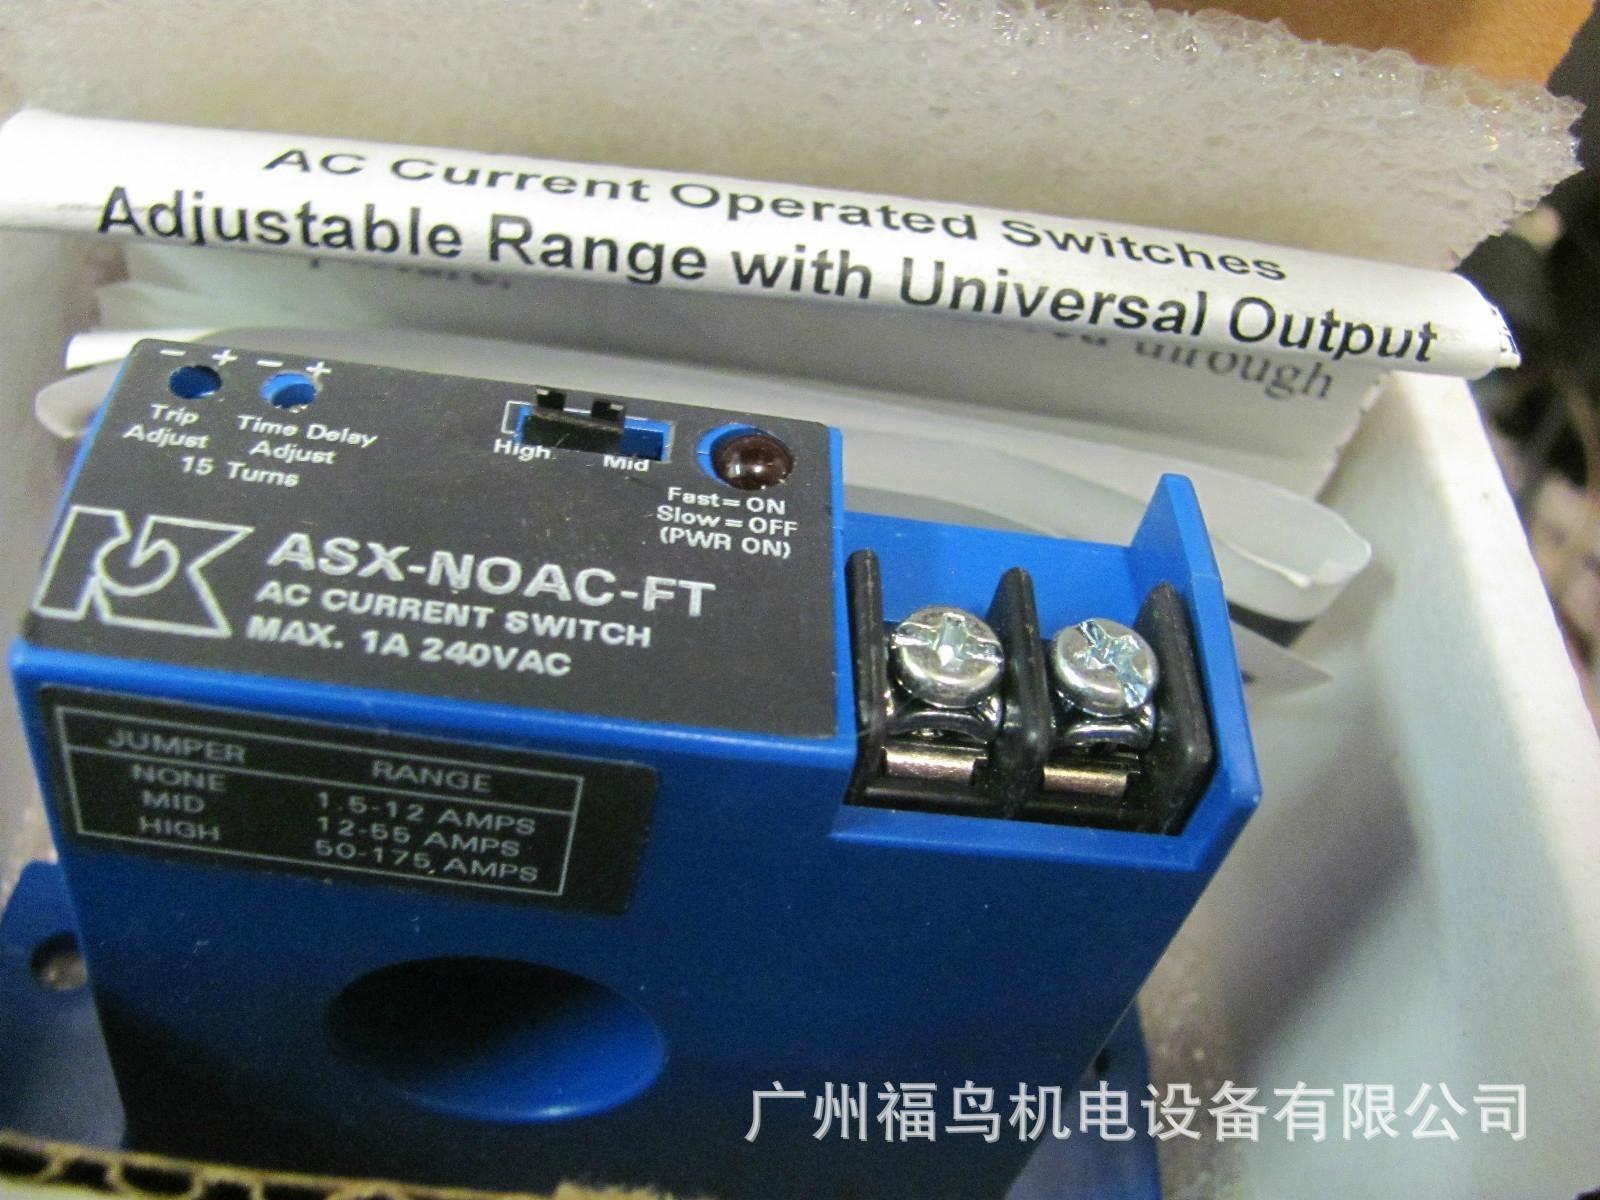 NK TECHNOLOGIES電流傳感器, 型號: ASX-NOAC-FT